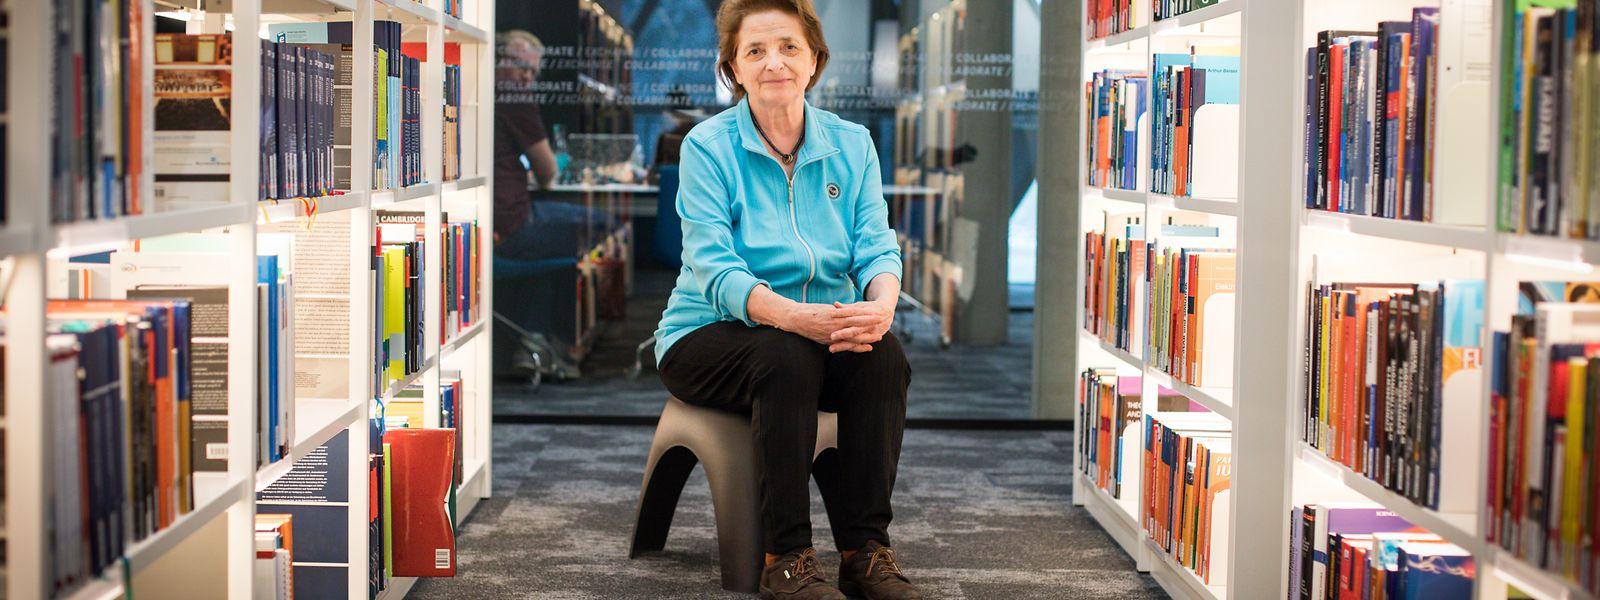 Im Alter von 74 Jahren verteidigte Marie-Paule Theisen erfolgreich ihre Doktorarbeit. Es war ihr ganz persönliches Projekt. Darauf beruhen lassen wollte sie es jedoch nicht. Nun steht sie selbst regelmäßig vor den Studenten, etwa im Learning Center, der Unibibliothek in Belval.